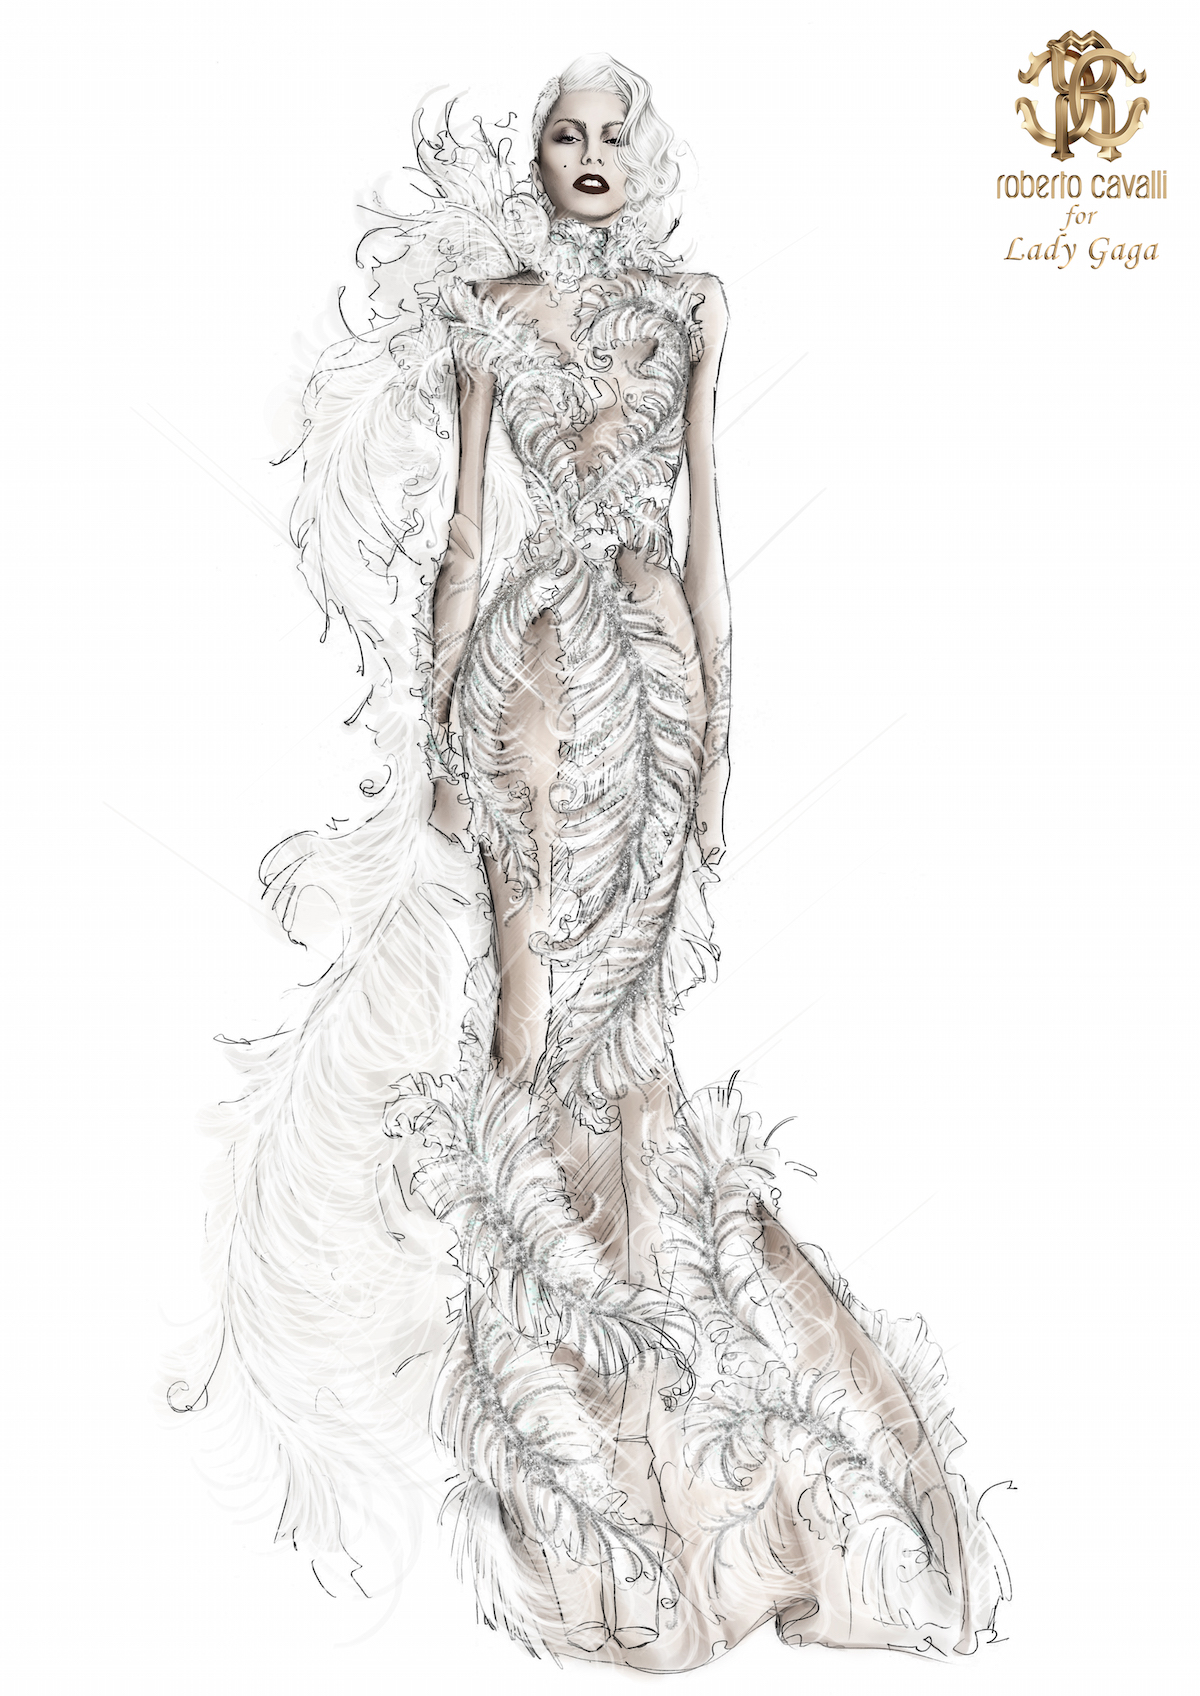 Roberto Cavalli Atelier Sketch for Lady Gaga @ Cheek to Cheek Tour